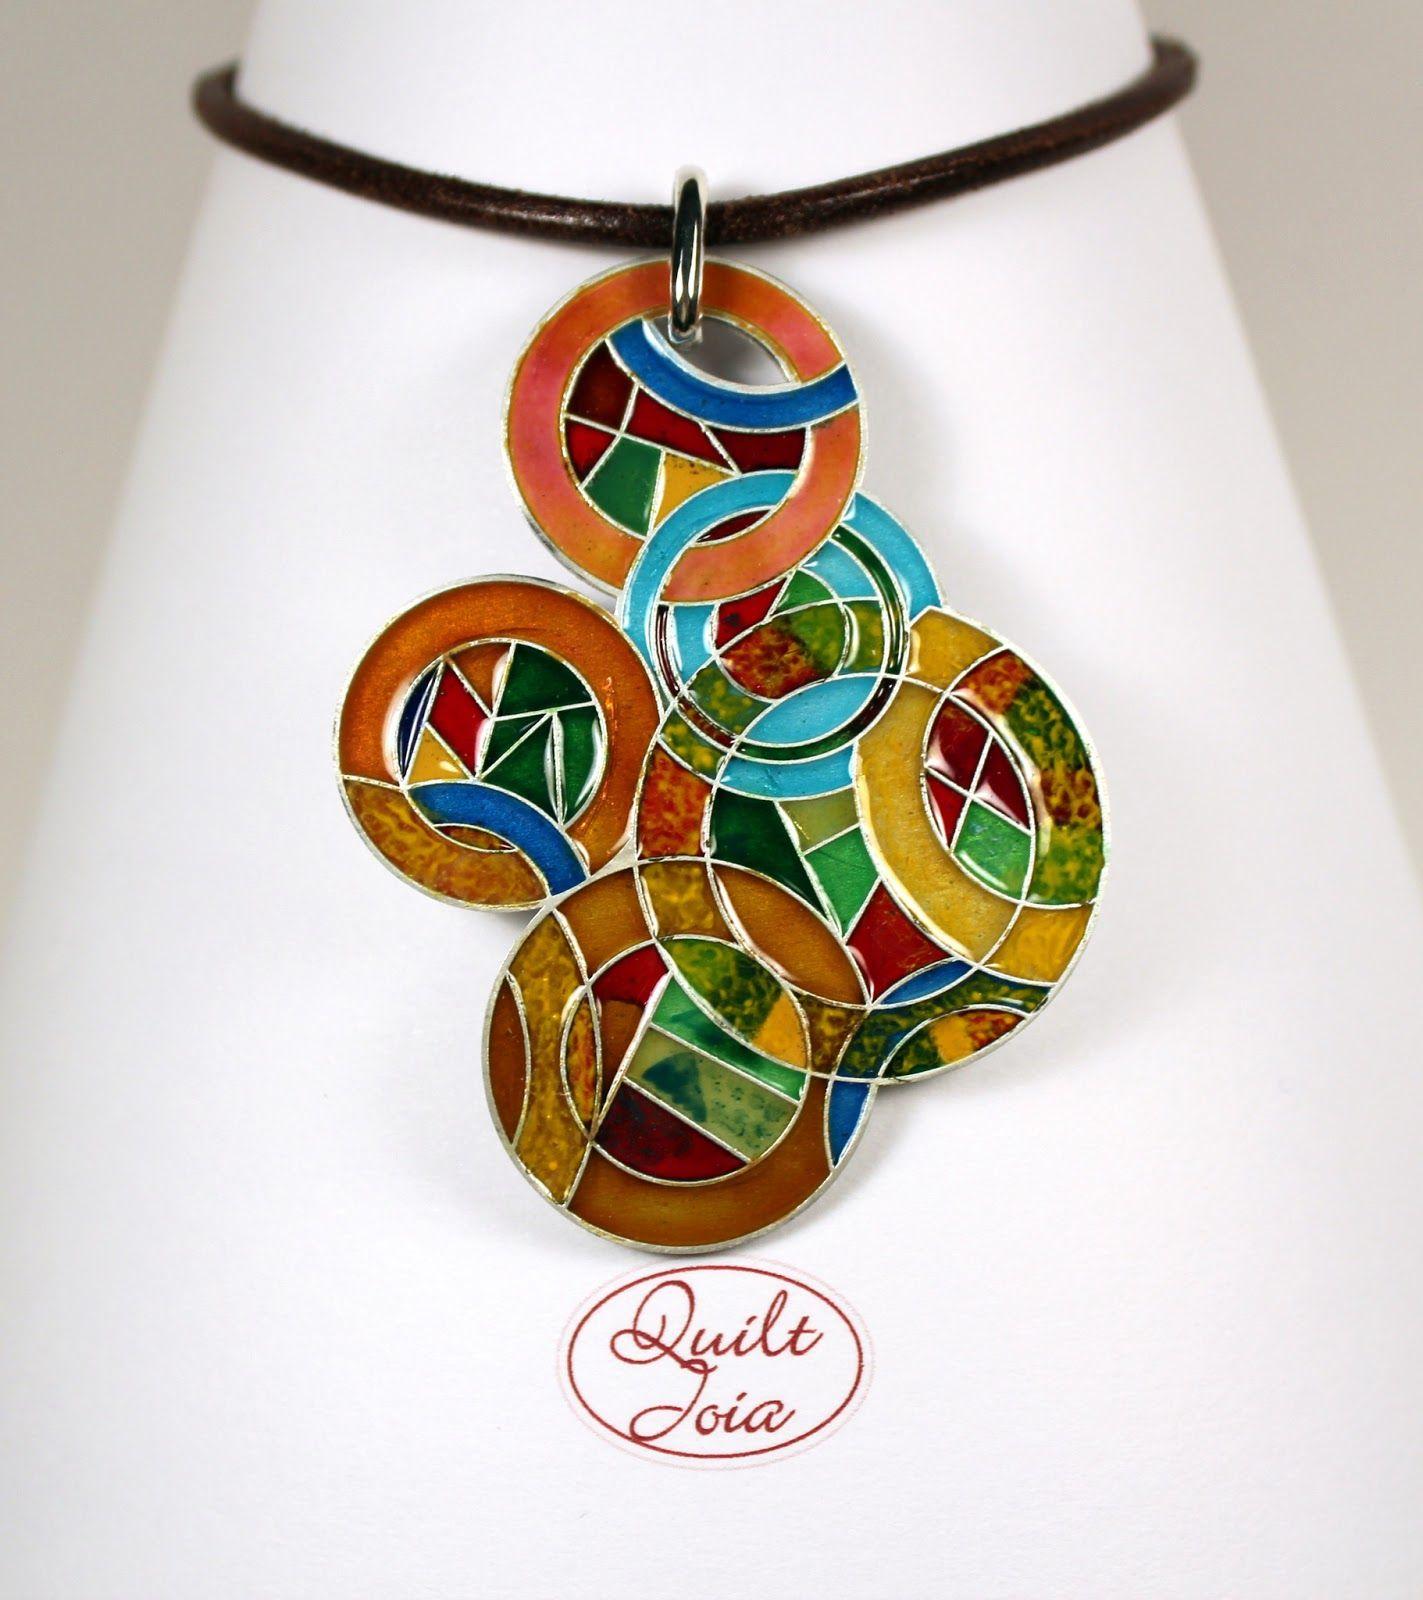 ¿Qué es Quiltjoia?  Quiltjoia es la unión de la belleza y la creatividad del patchwork con la joyería. Inspirados en tu Quilt, diseñamos u...